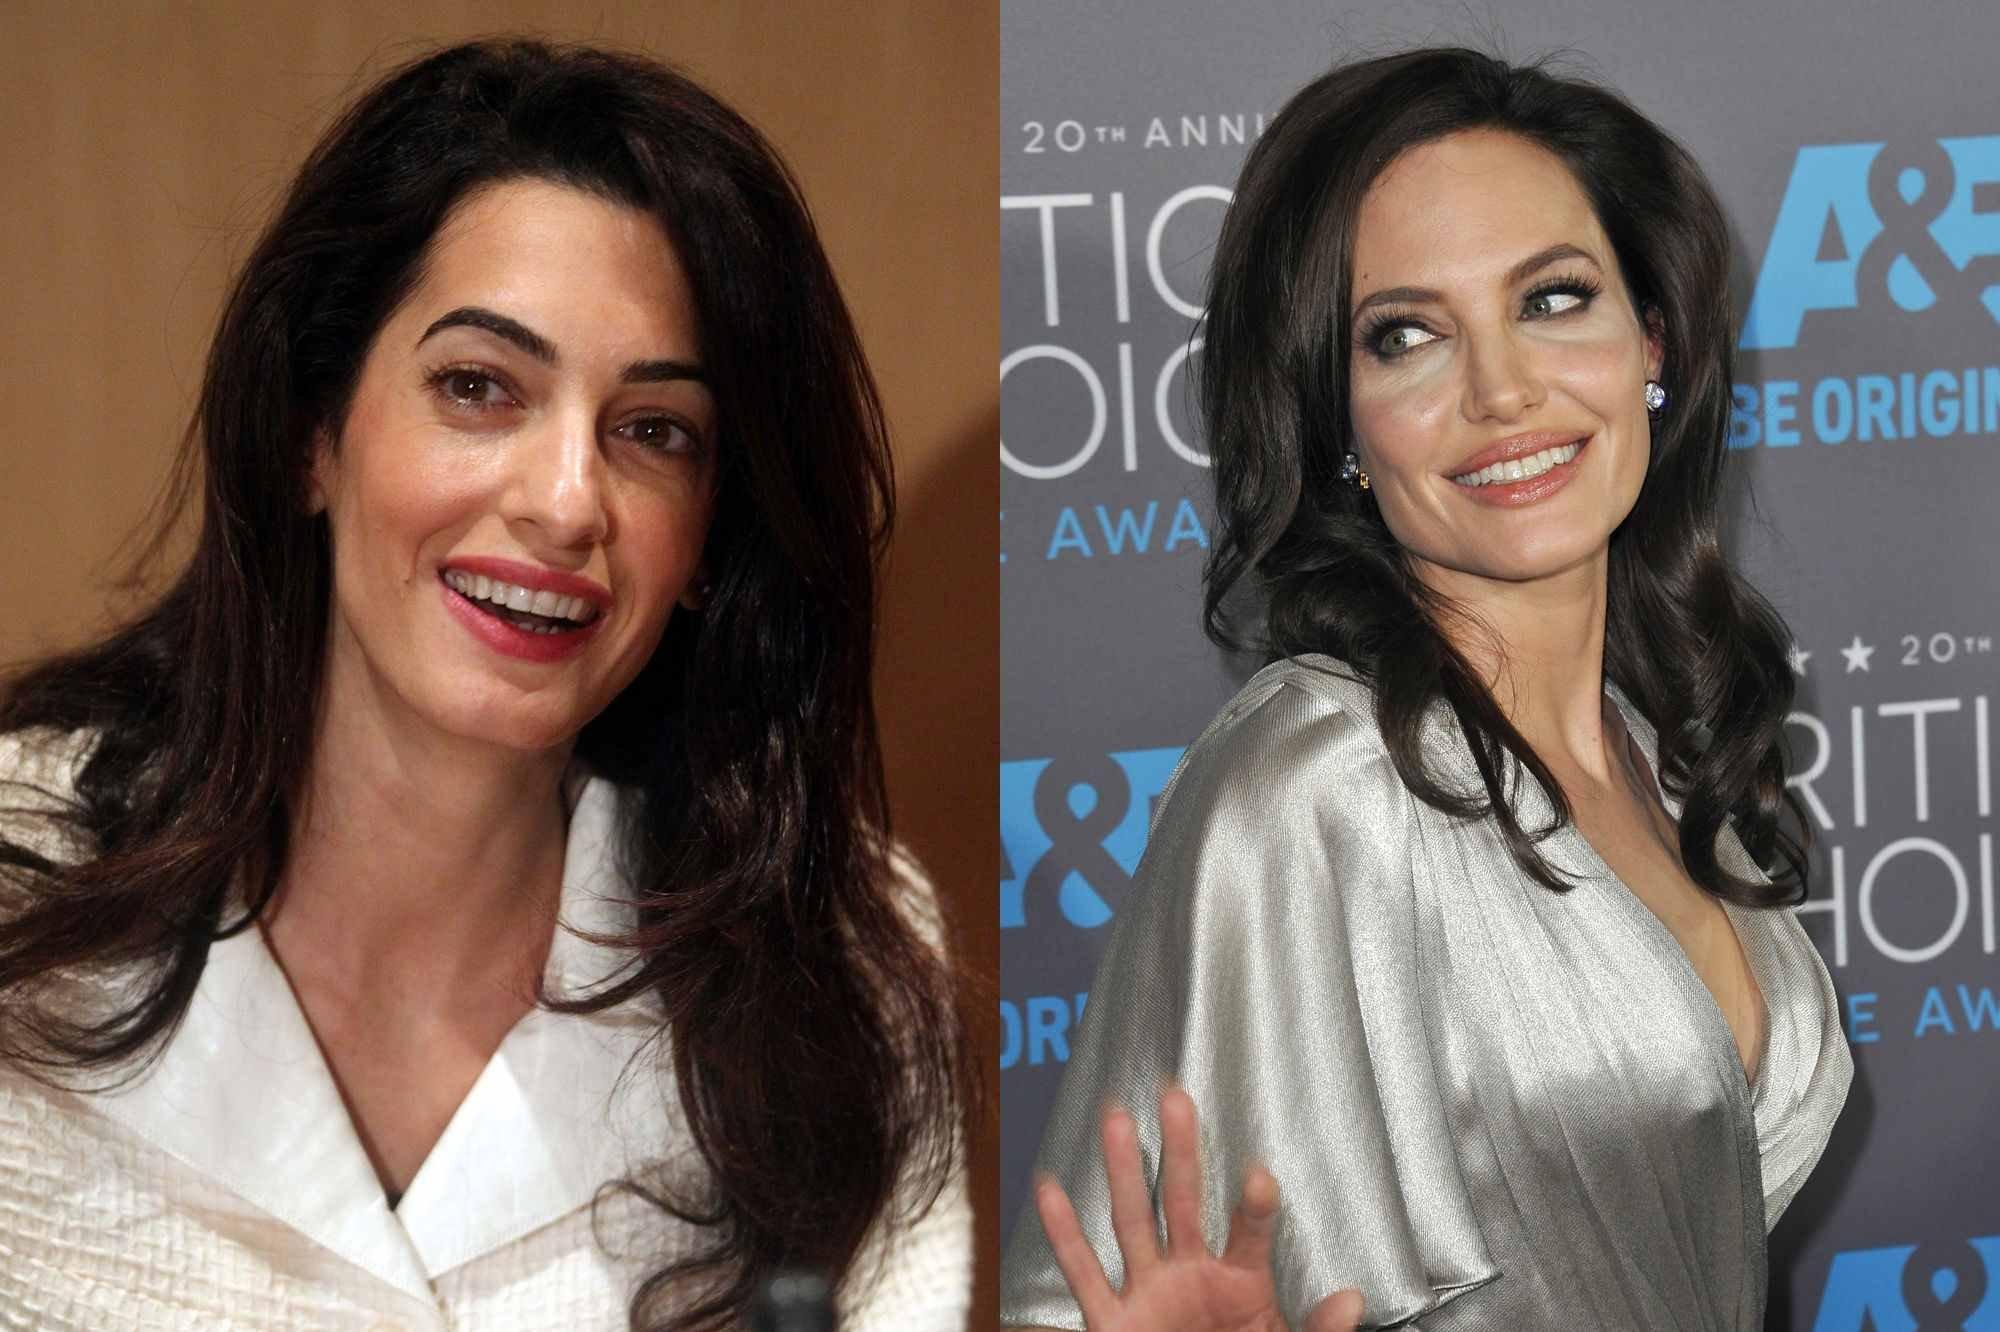 """amal clooney angelina jolie.jpg?resize=1200,630 - Fontes afirmam que relação entre Angelina Jolie e Amal Clooney é de """"rivalidade e ódio"""""""